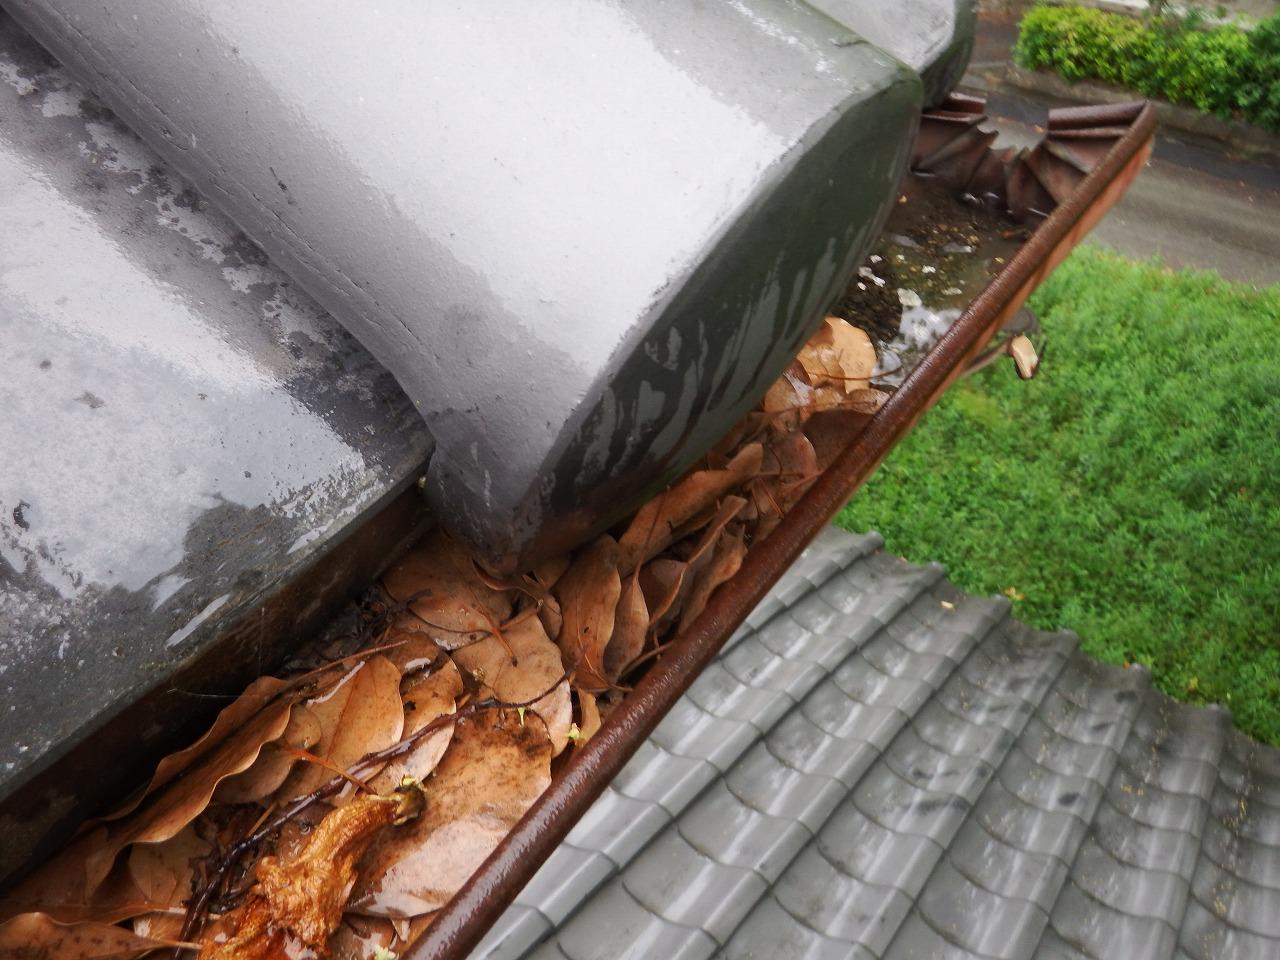 橿原市の枯れ葉が溜まった雨樋